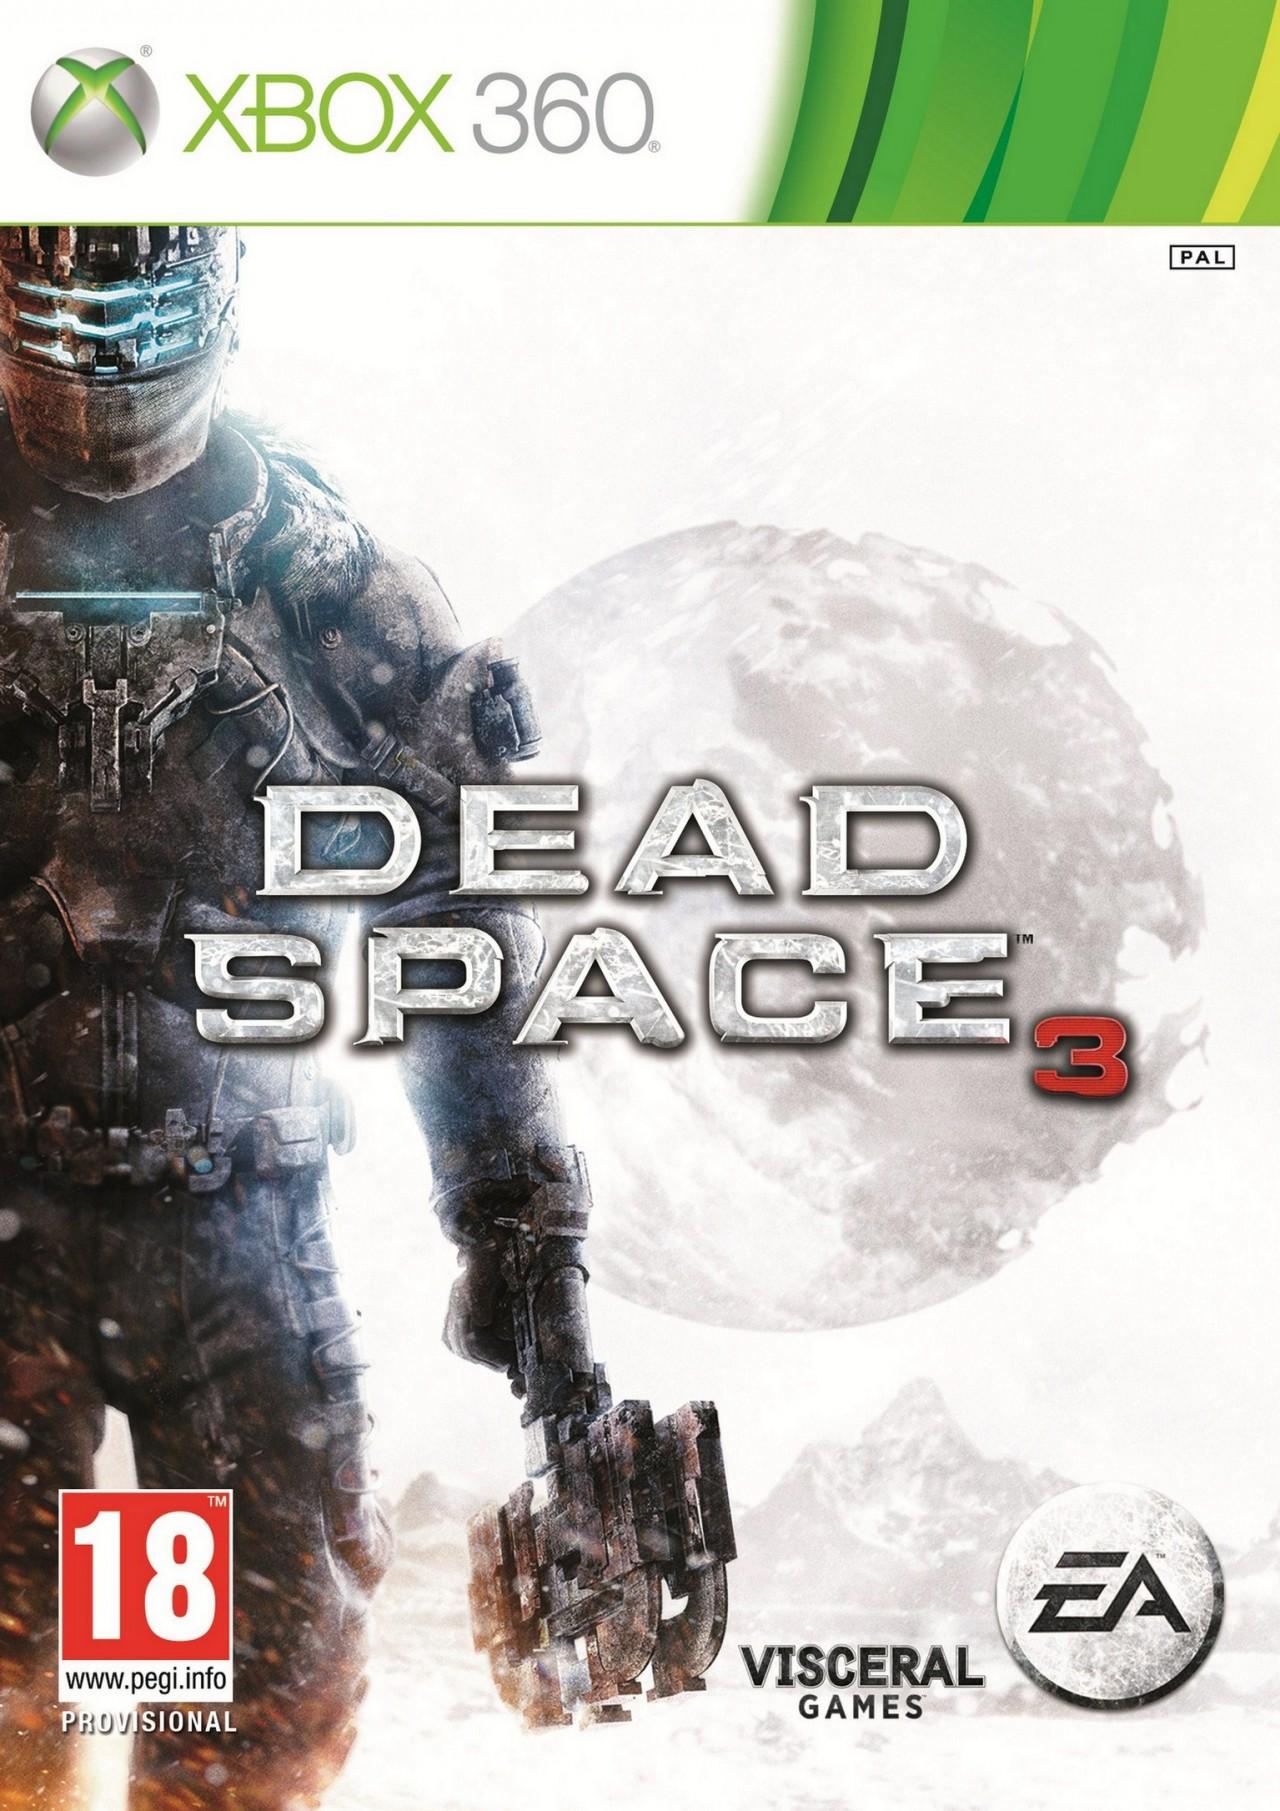 Photo : Sorties jeux vidéo Février 2013